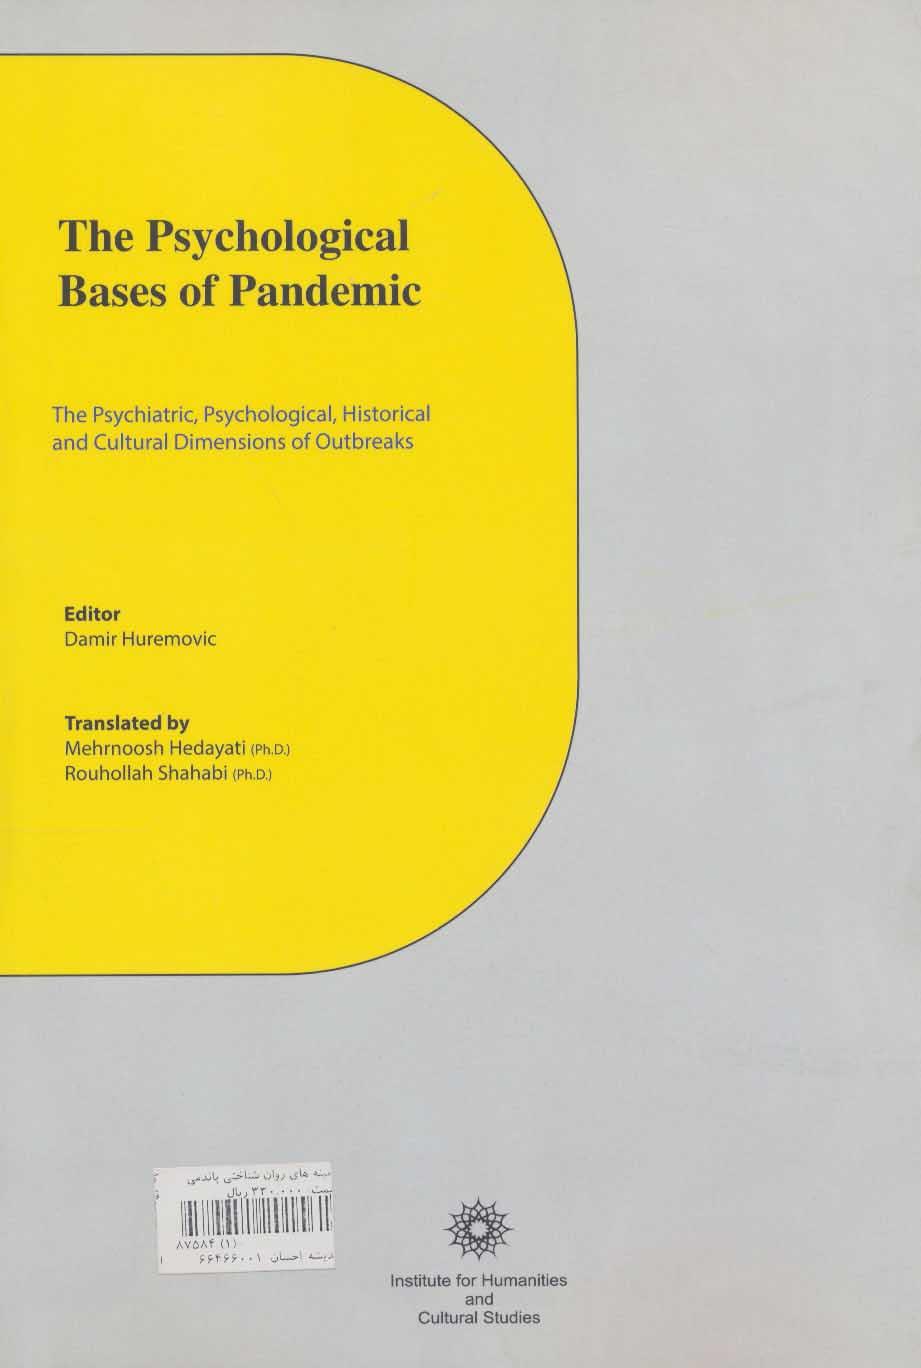 زمینه های روان شناختی پاندمی (ابعاد روان پزشکی…)